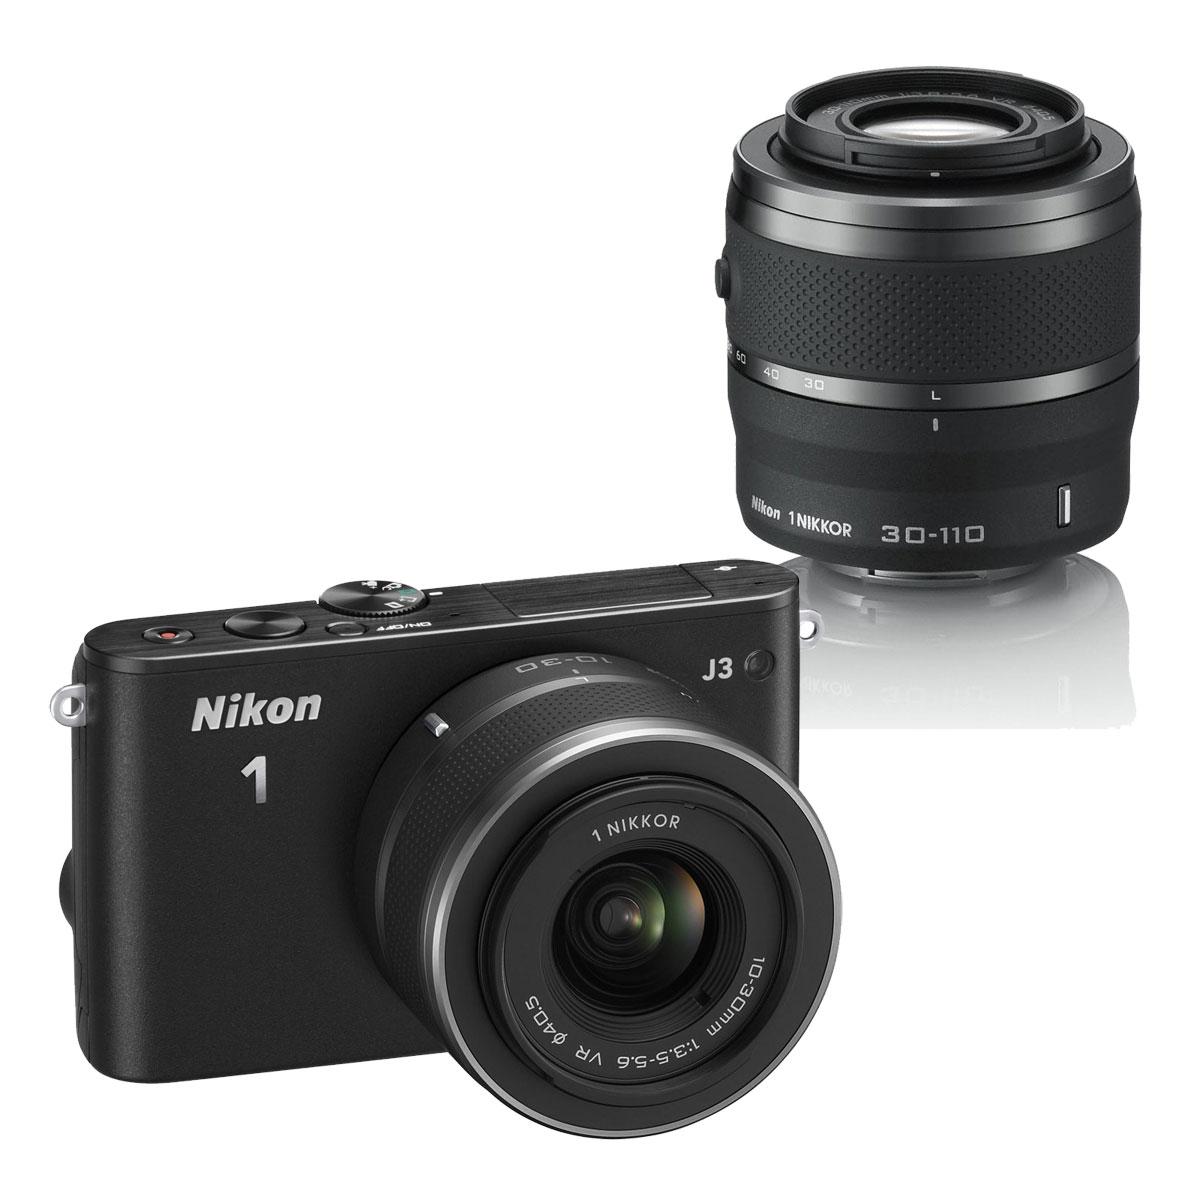 nikon 1 j3 kit zoom avec deux objectifs noir vva181k003 achat vente appareil photo hybride. Black Bedroom Furniture Sets. Home Design Ideas